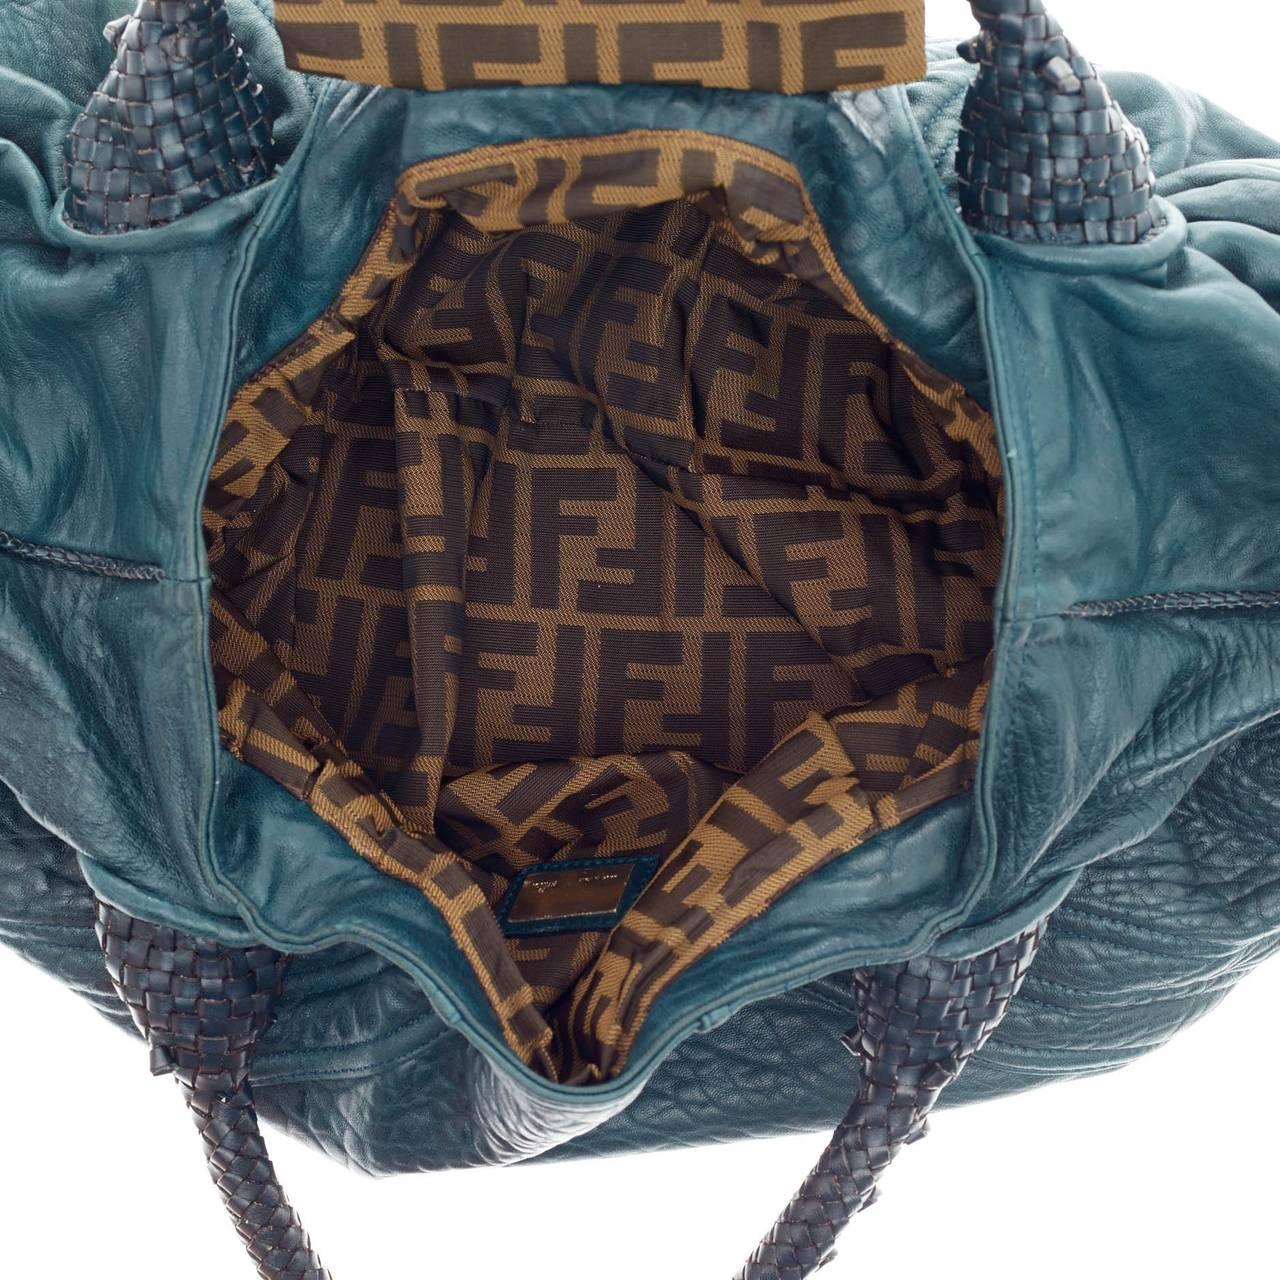 42e5fe44204e Fendi Spy Bag Leather at 1stdibs